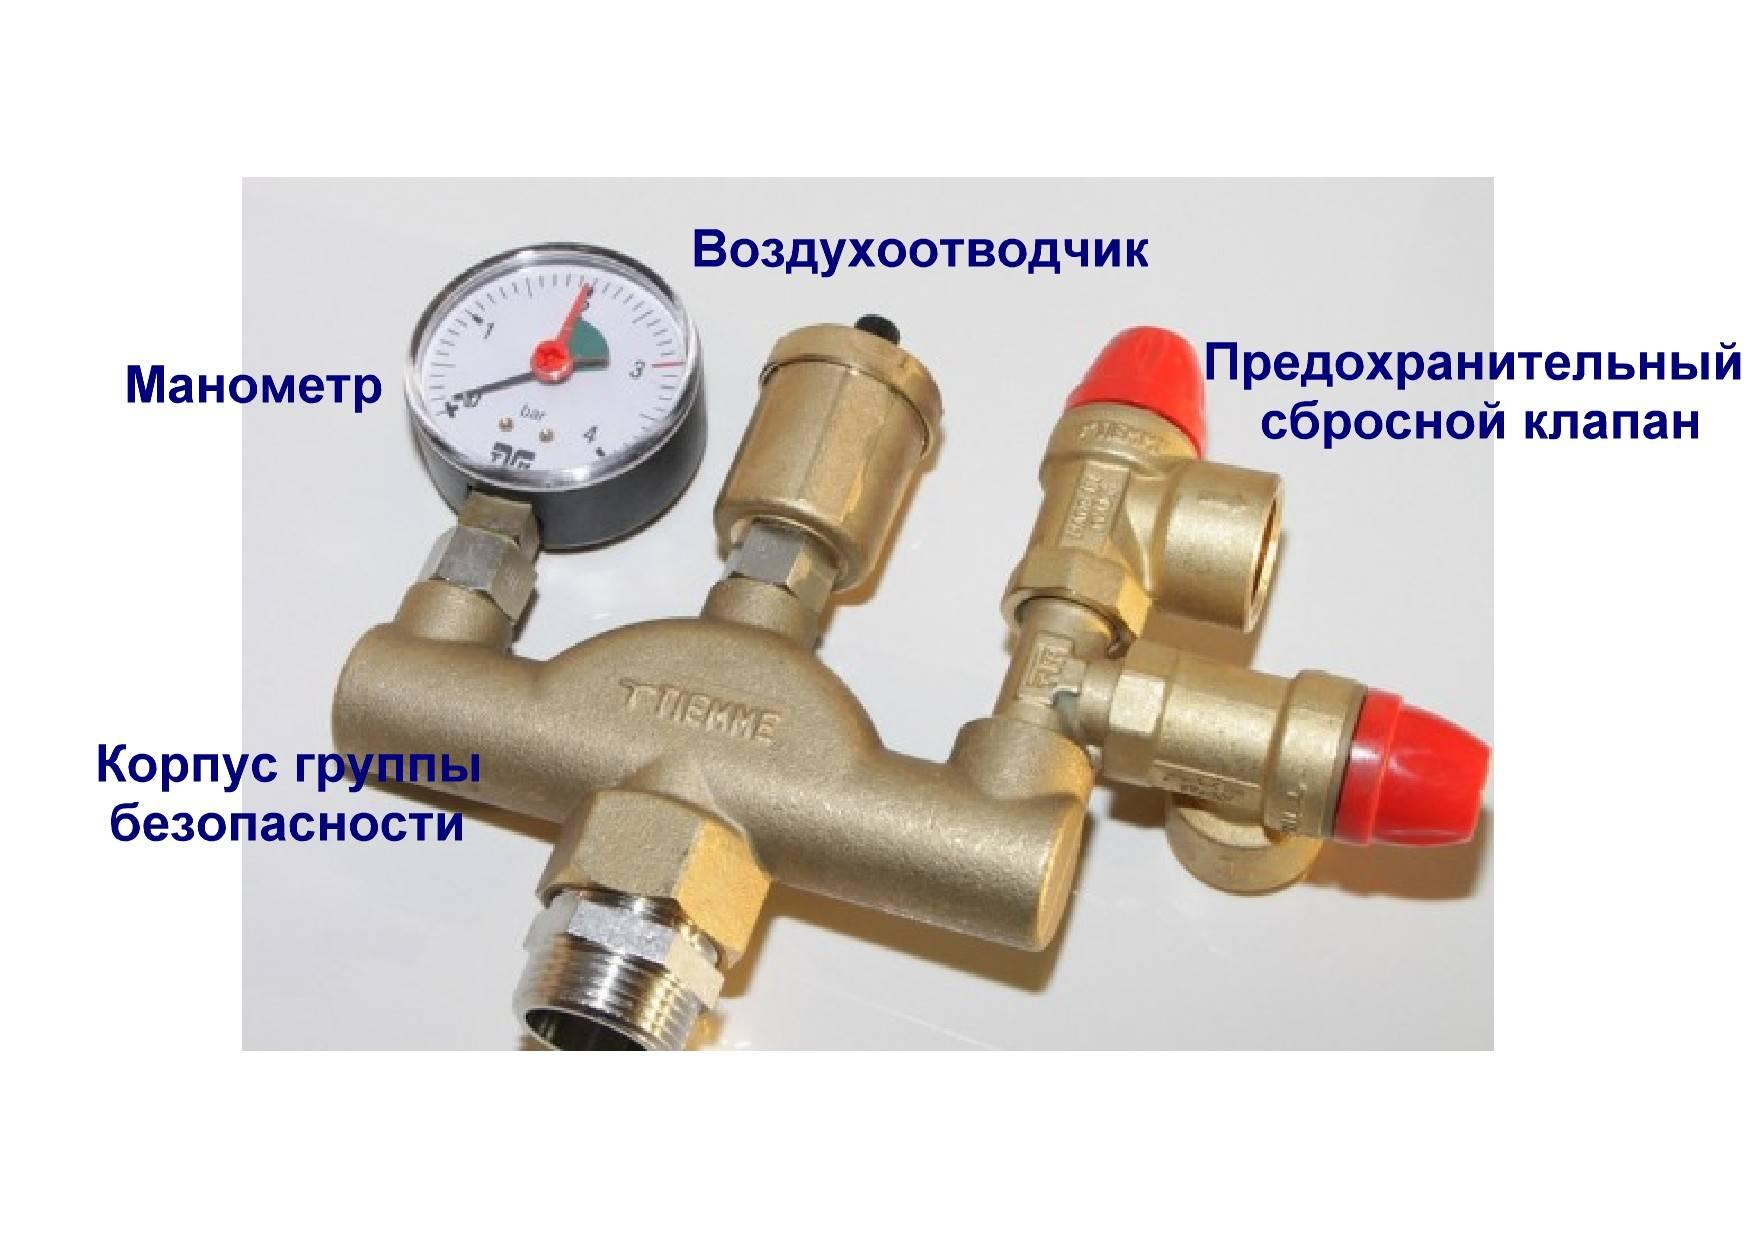 Клапан на отопление, виды устройств для отопительной системы: предохранительные, воздухоотводчики, обратные и другие